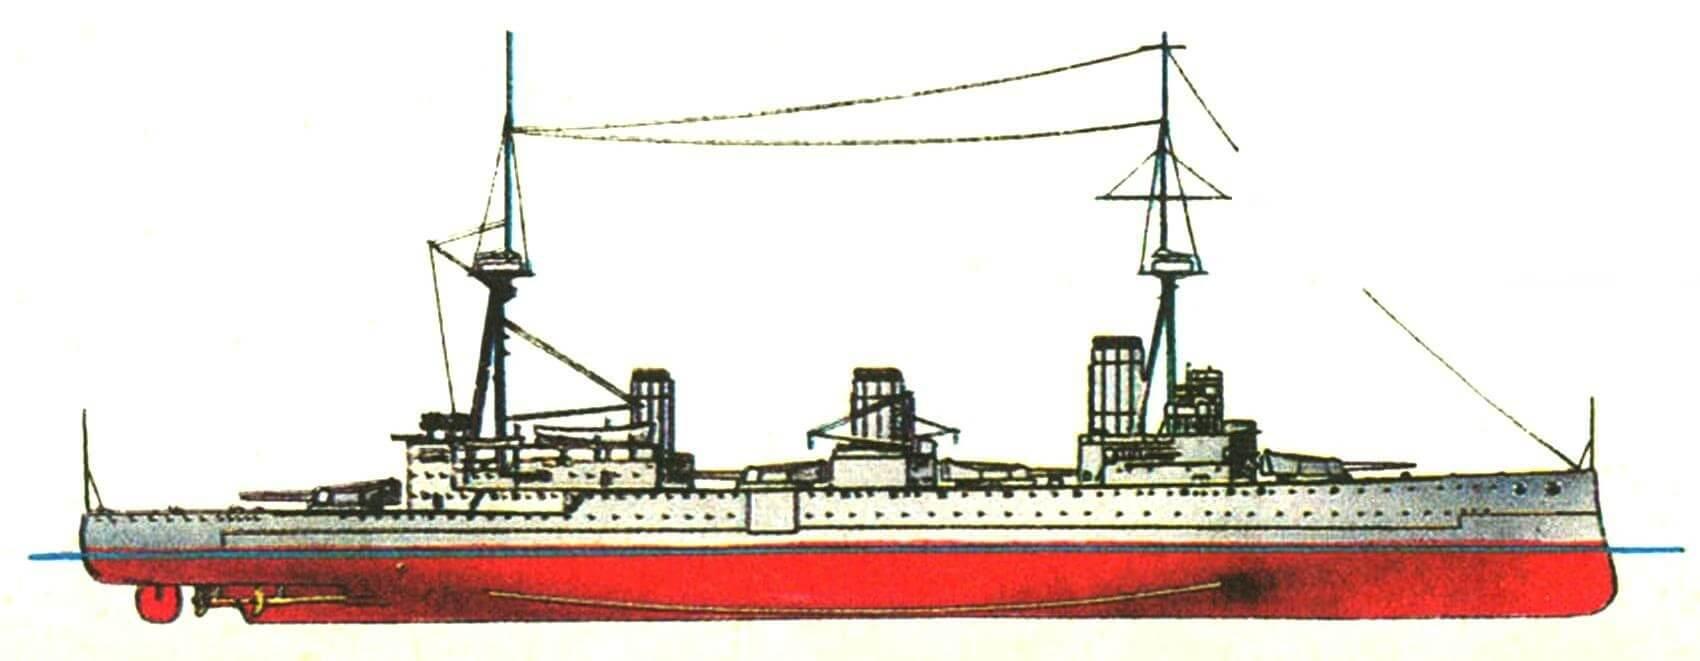 176. Линейный крейсер «Индефатигебл», Англия, 1911 г. Заложен в 1910 г., спущен на воду в 1911 г. Водоизмещение: нормальное 18 500 т, полное 22 100 т. Длина наибольшая 179,8 м, ширина 24,4 м, осадка 8,1 м. Четырехвальная турбинная установка мощностью 43 000 л. с., скорость 25 уз. Броня: пояс 152—102 мм, траверсы 102 мм, палуба 25—63 мм, башни 178 мм, барбеты 178—76 мм, рубка 254 мм. Вооружение: восемь 305-мм и шестнадцать 102-мм орудий, три 457-мм торпедных аппарата. Построено 3 единицы: «Индефатигебл», «Нью-Зиленд» (1912 г.) и «Австралия» (1913 г.).